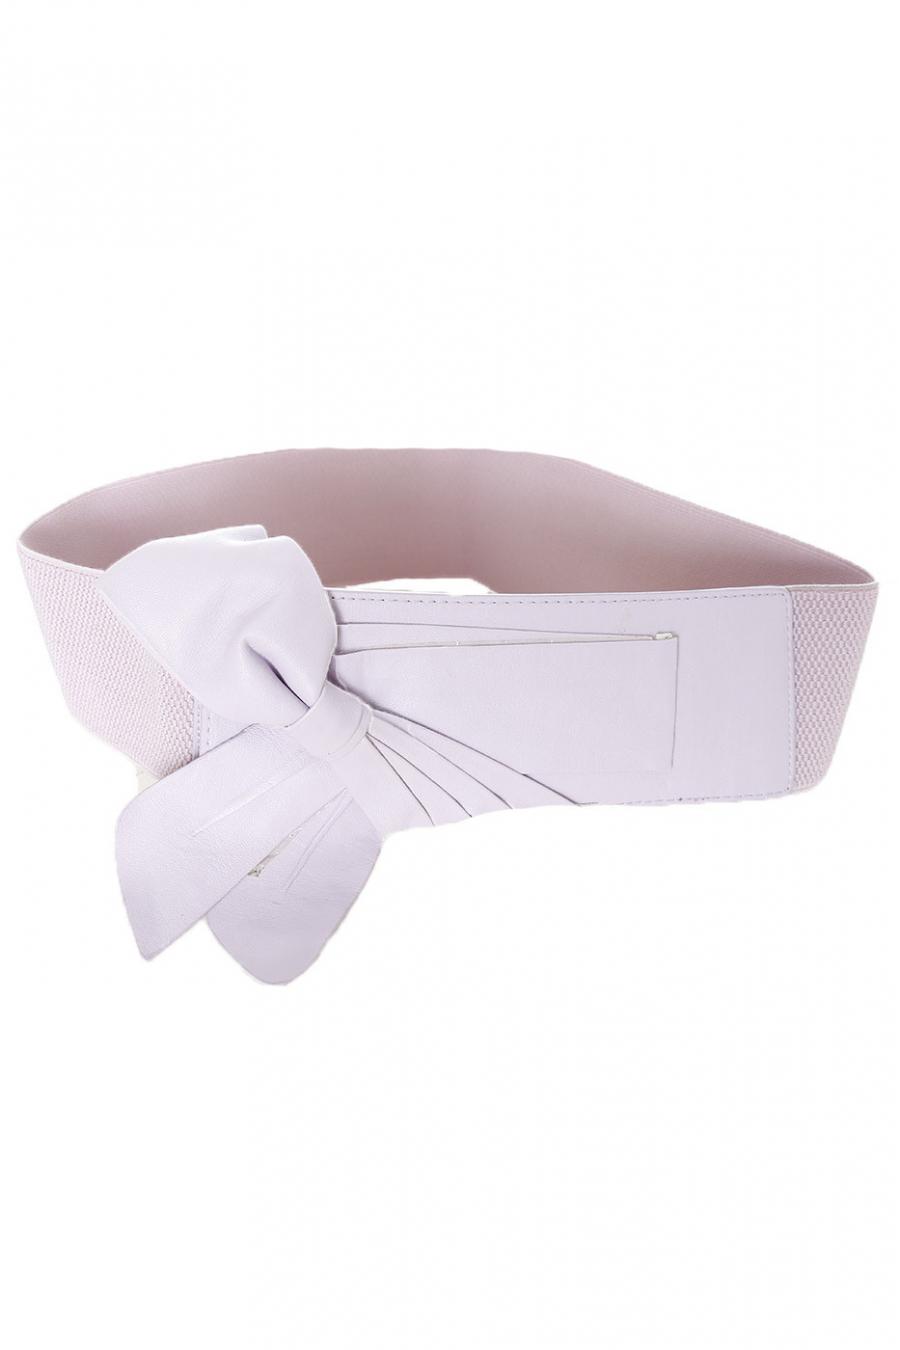 Purple elastic waistband with bow SG-0475